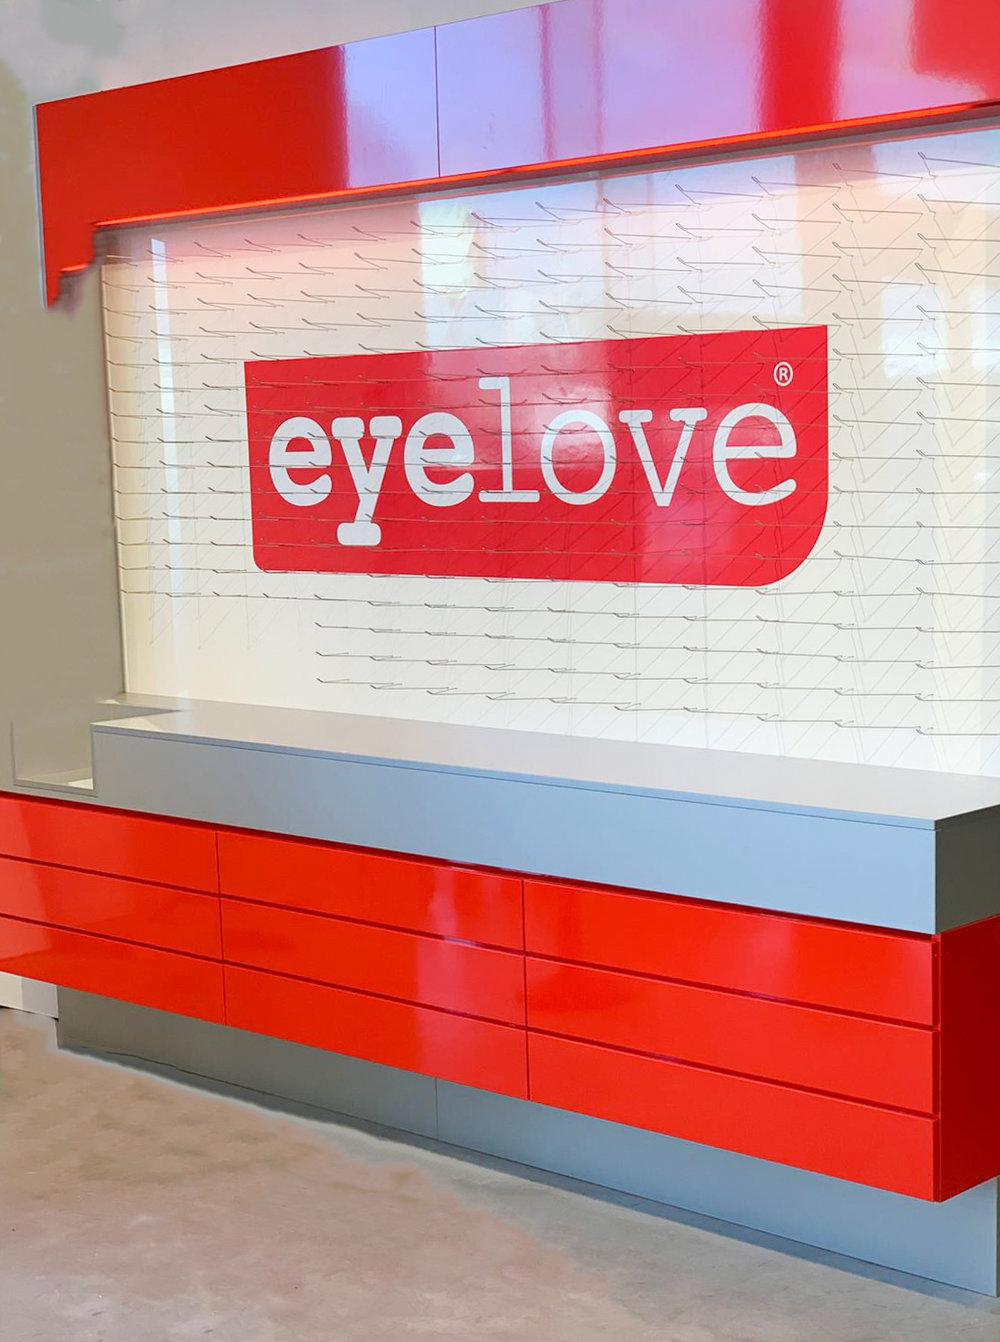 eyelove-2.jpg